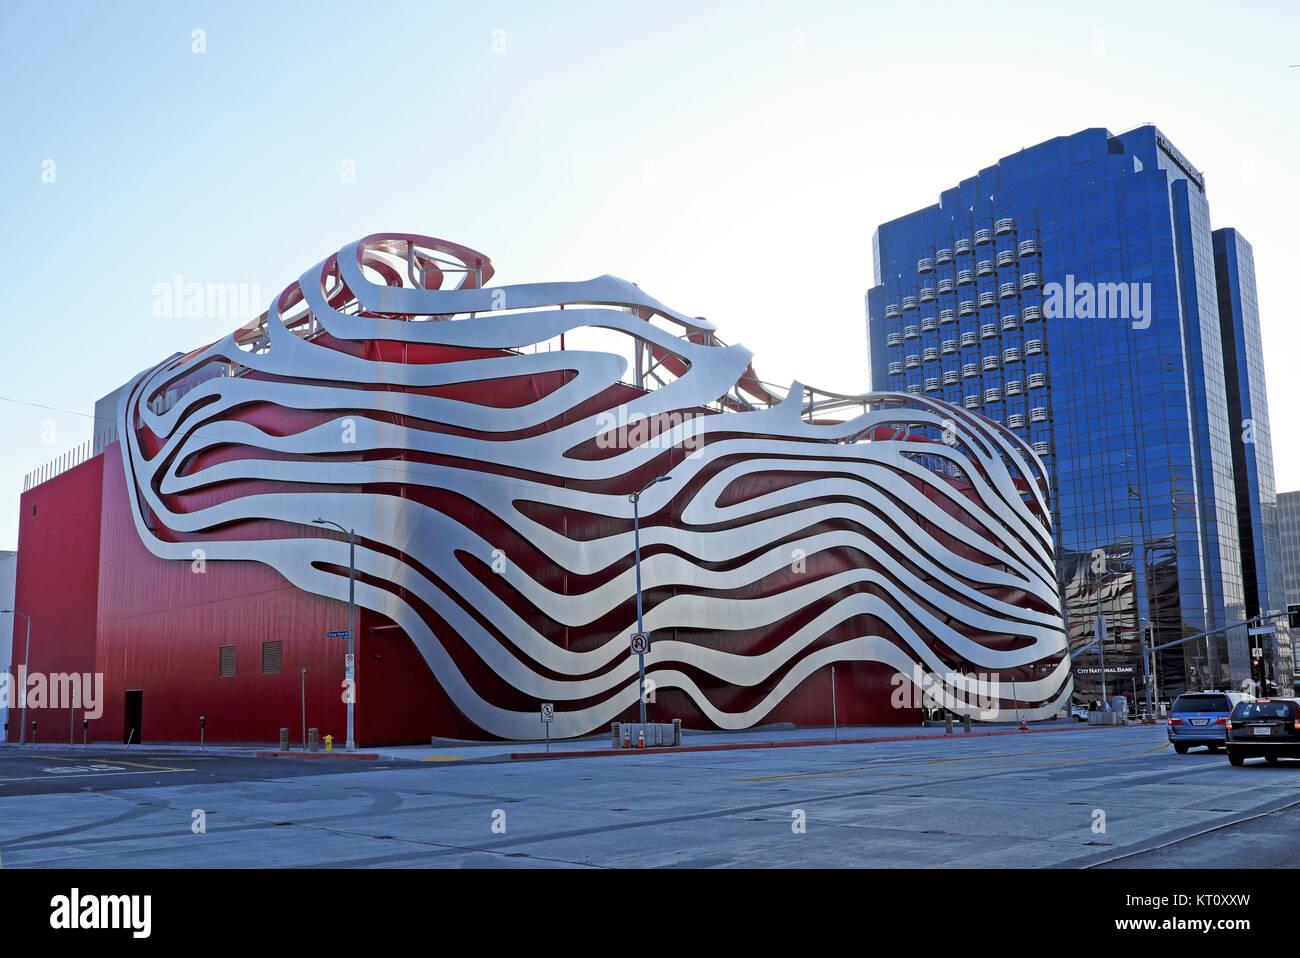 Petersen Automotive Museum zeitgenössische Gebäude moderne Architektur in Miracle Mile Bezirk Wilshire Stockbild